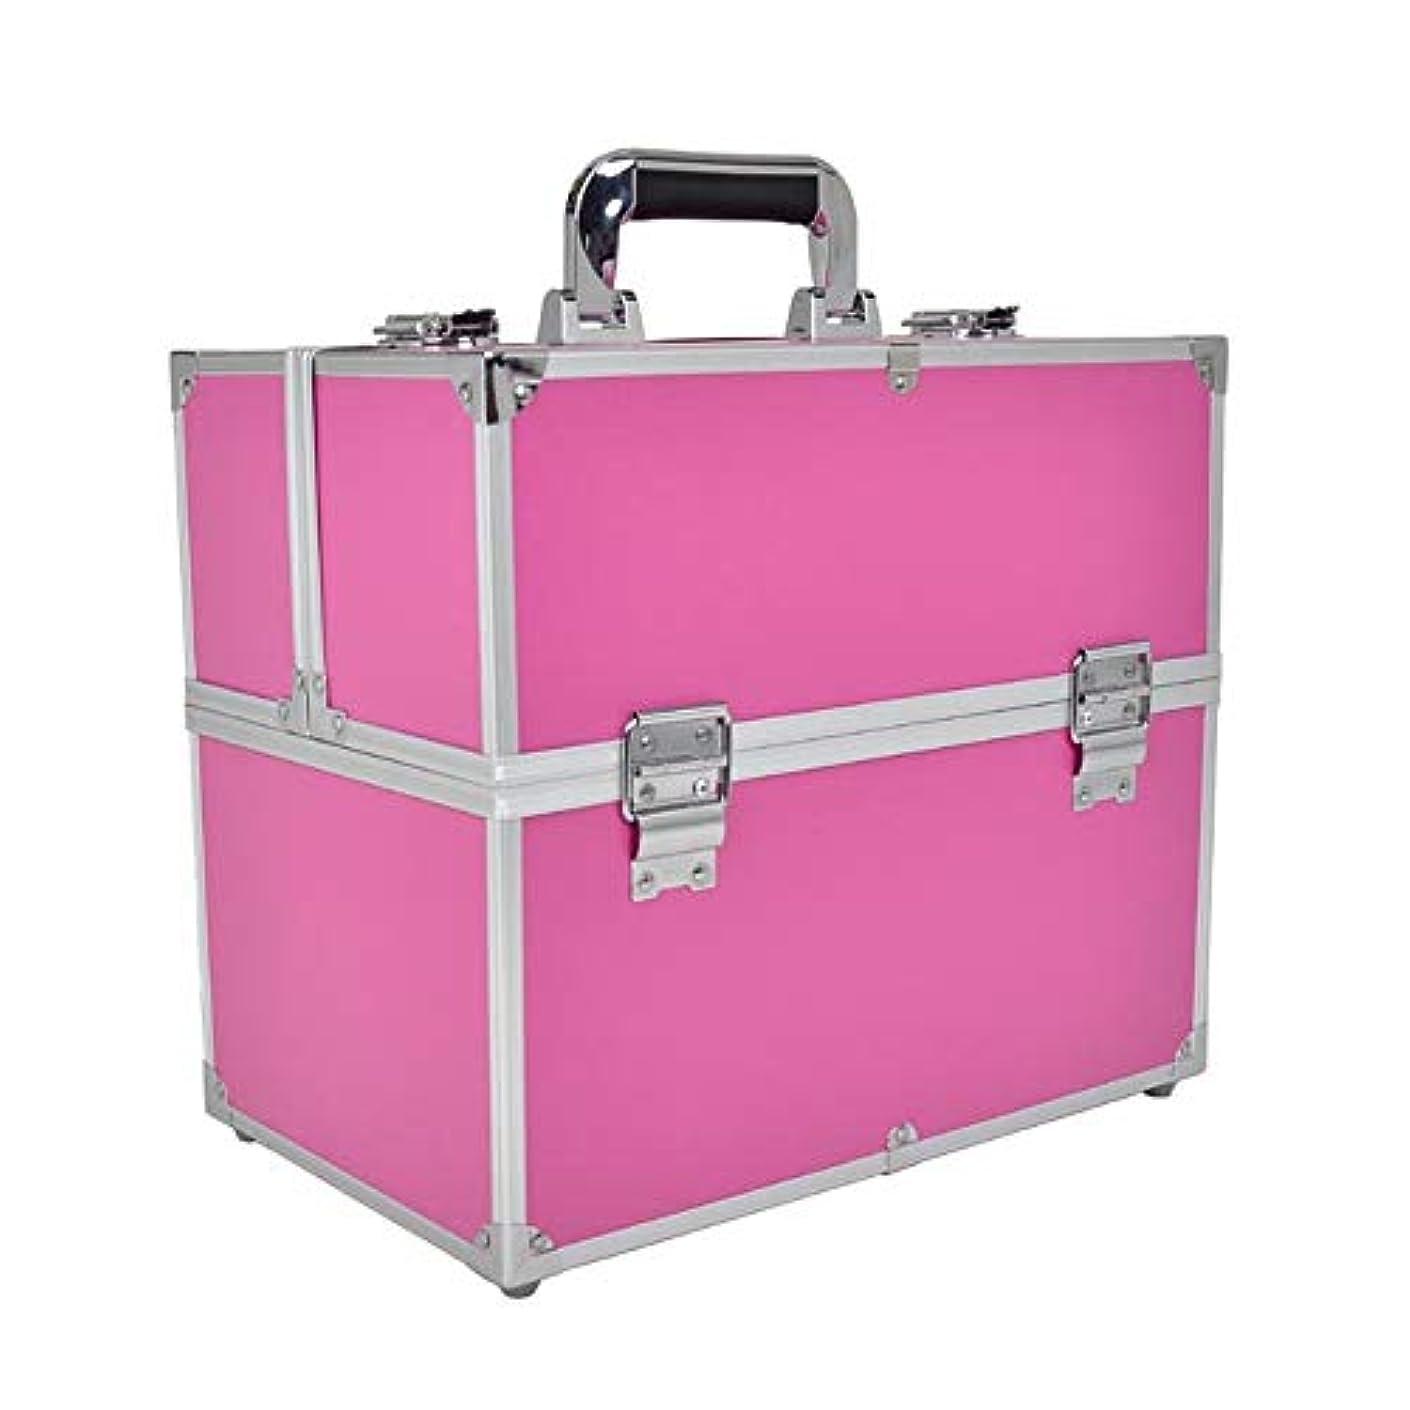 受取人トランク変成器化粧オーガナイザーバッグ 6トレイの小さなものの種類のための旅行のための美容メイクアップのための大容量大容量化粧品ケース 化粧品ケース